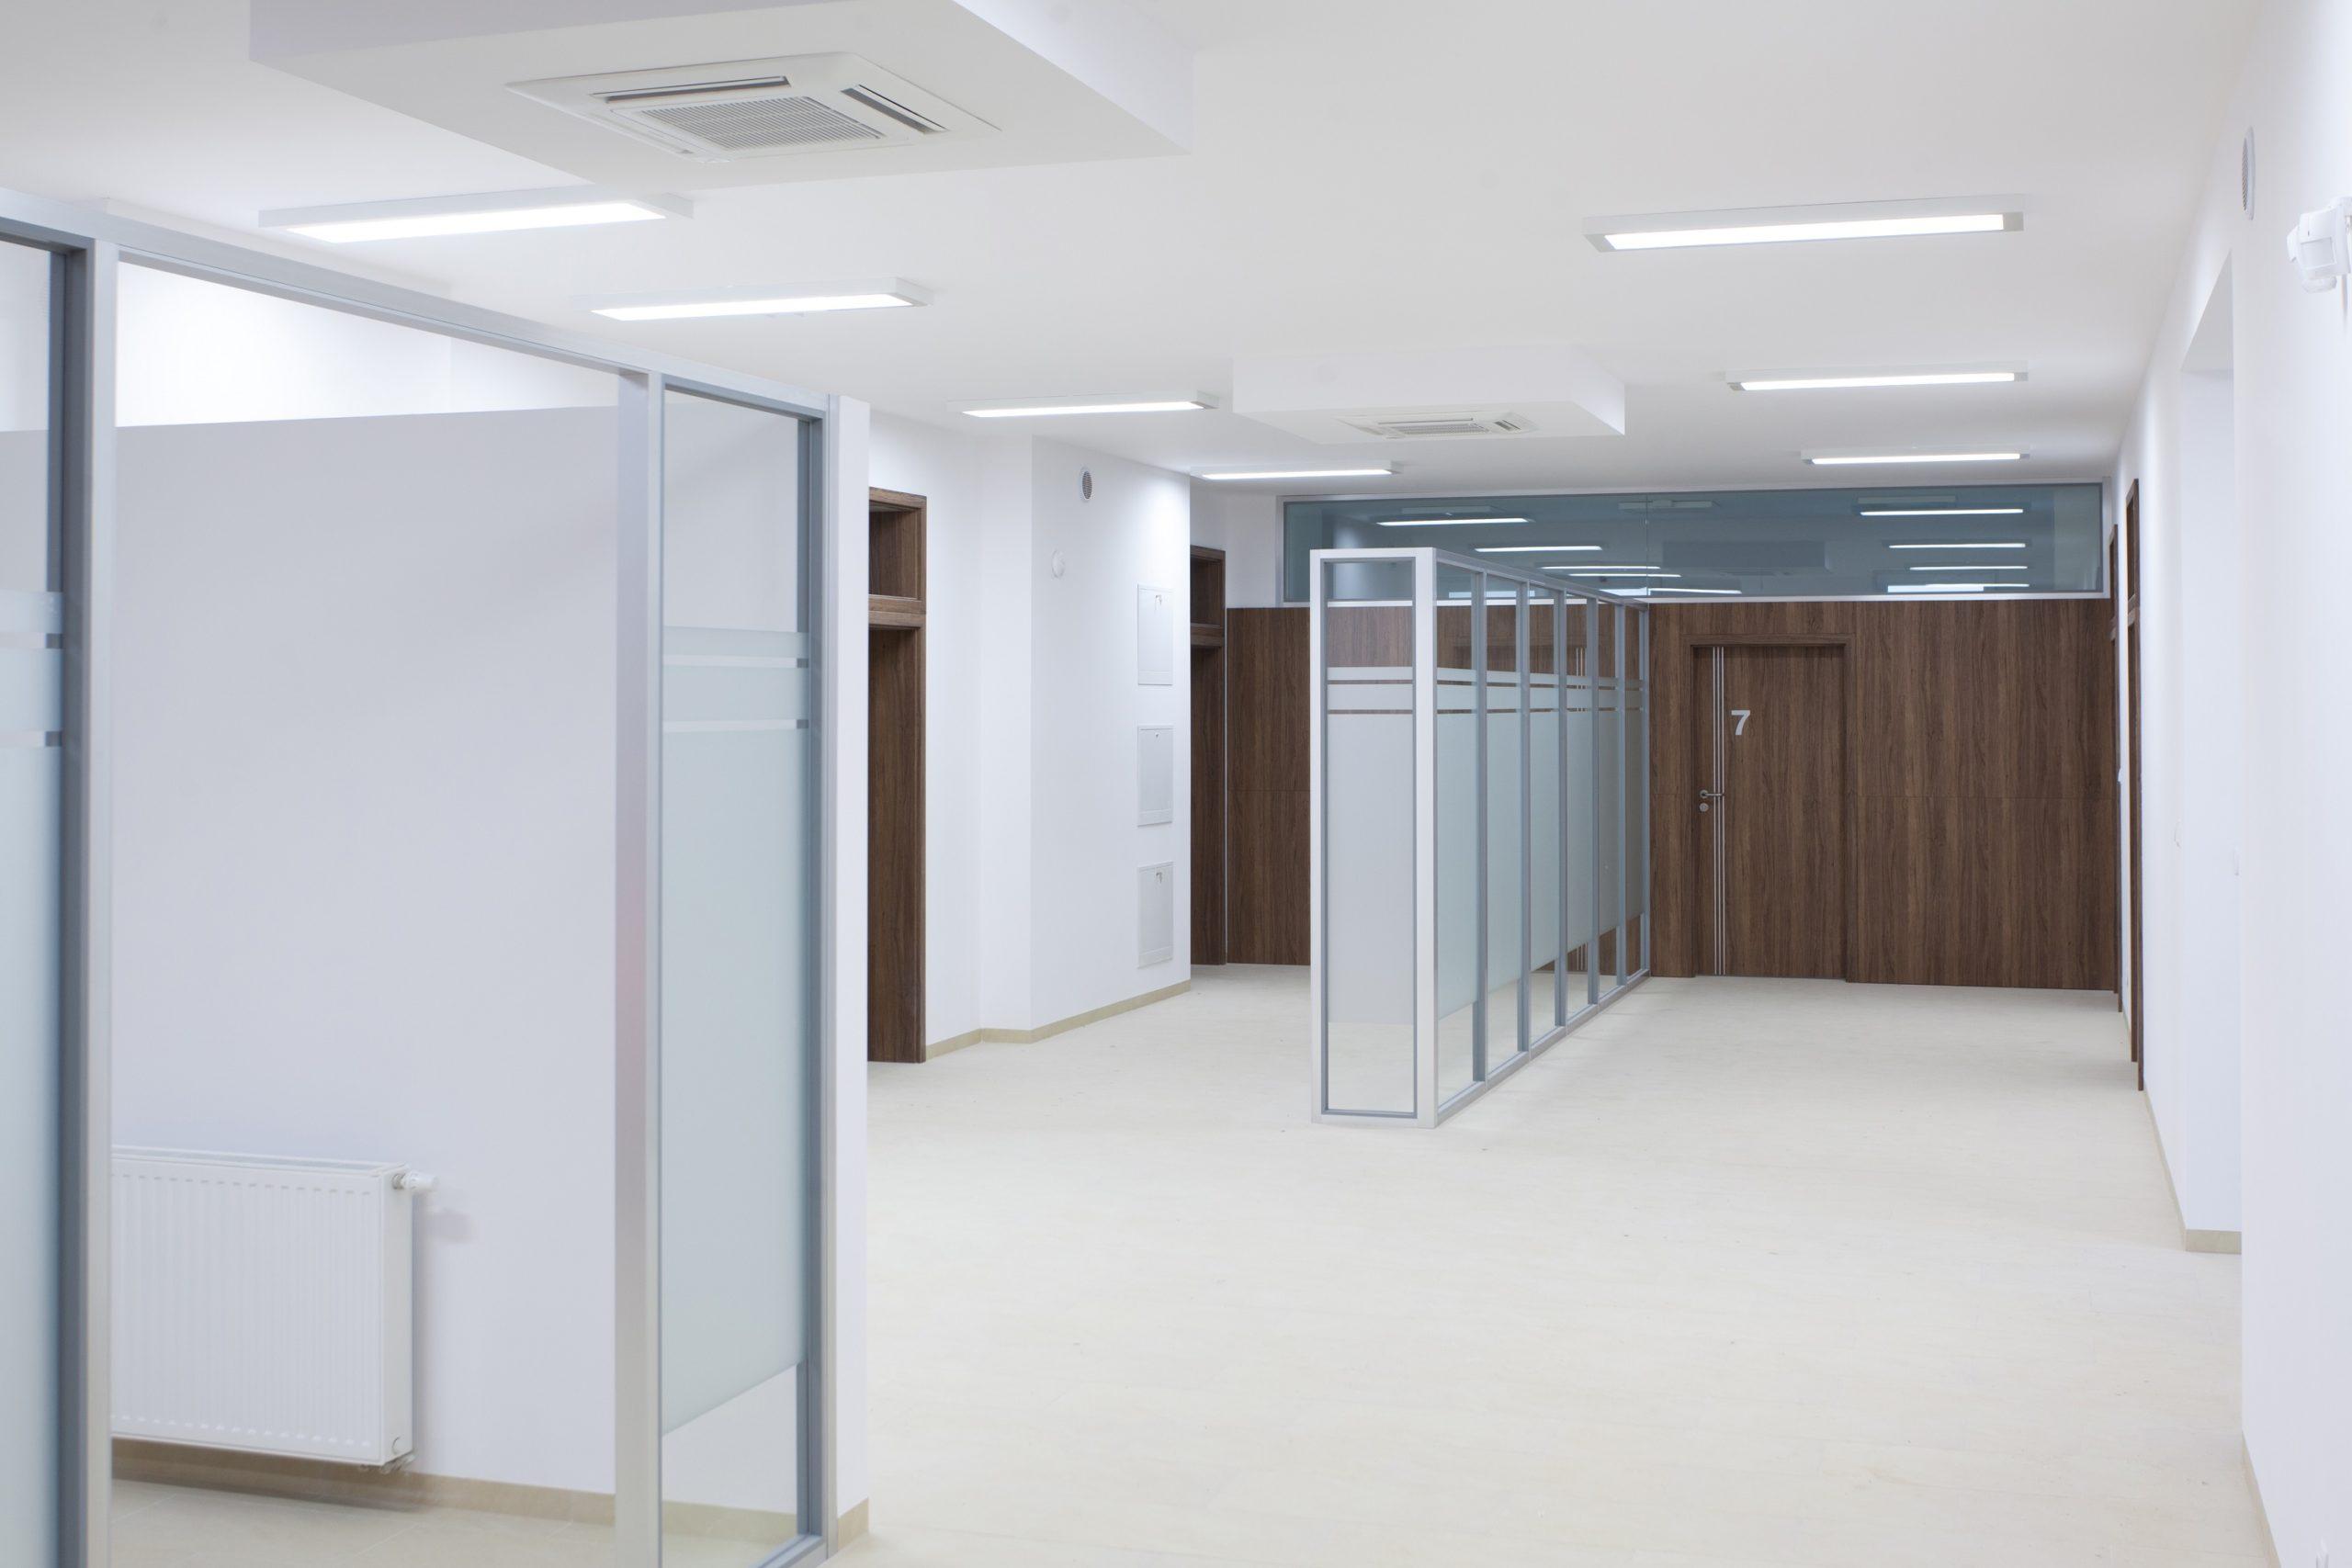 Oprawy biurowe Edge w budynku przychodni w Sztumie - Luxon LED